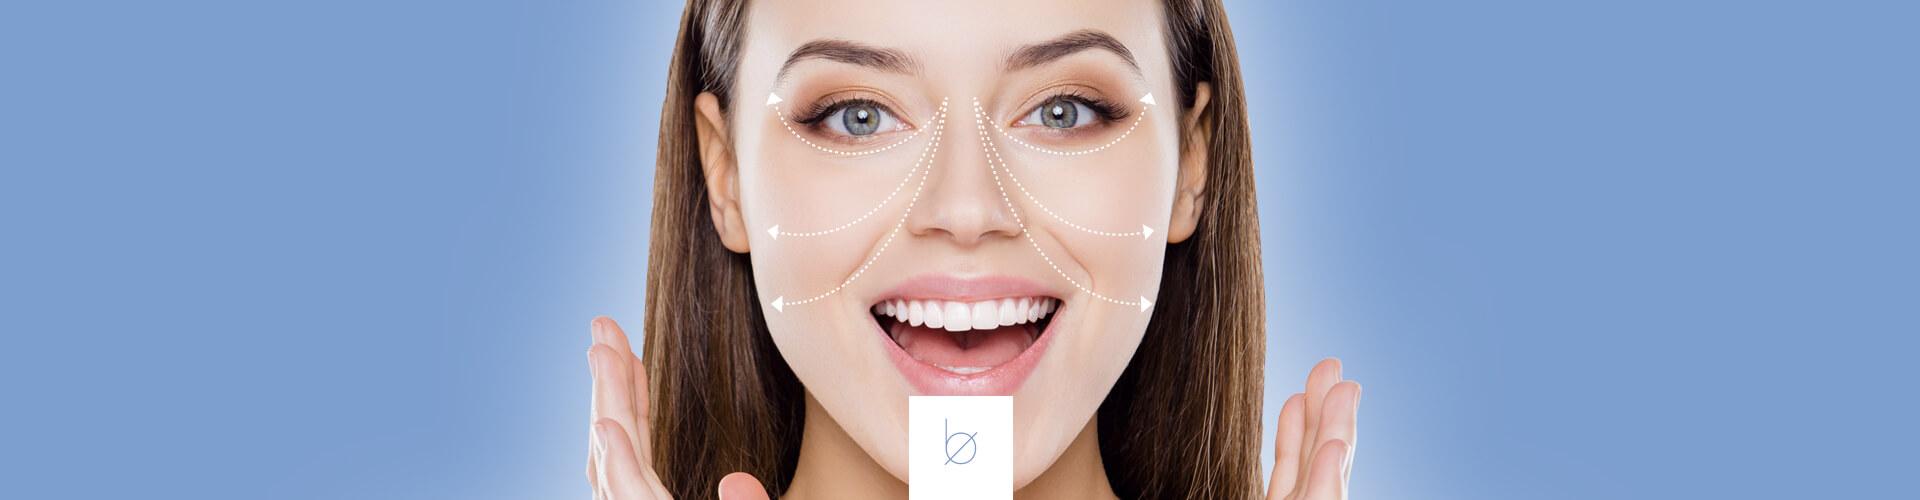 Rejuvenicimiento facial con hilos en Zaragoza